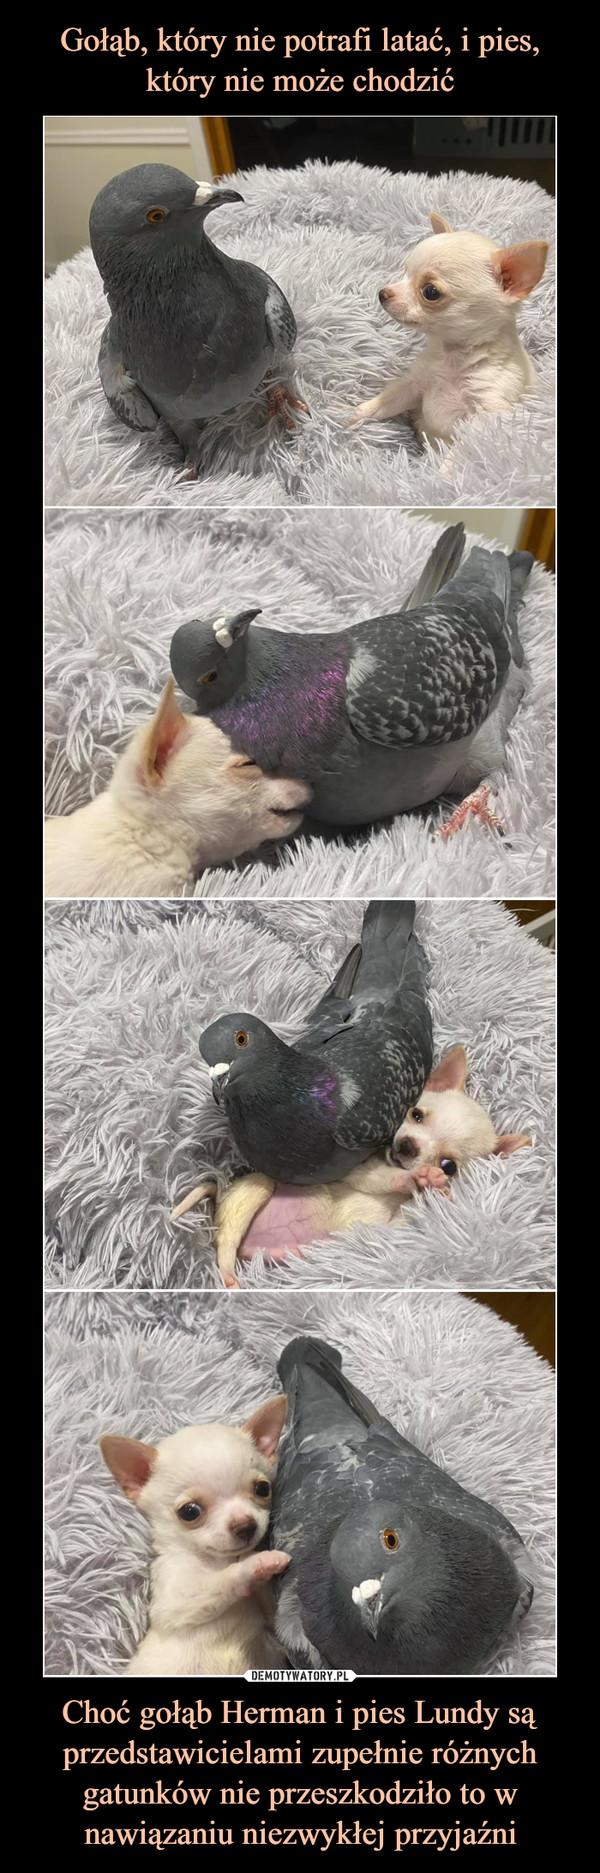 Choć gołąb Herman i pies Lundy są przedstawicielami zupełnie różnych gatunków nie przeszkodziło to w nawiązaniu niezwykłej przyjaźni –